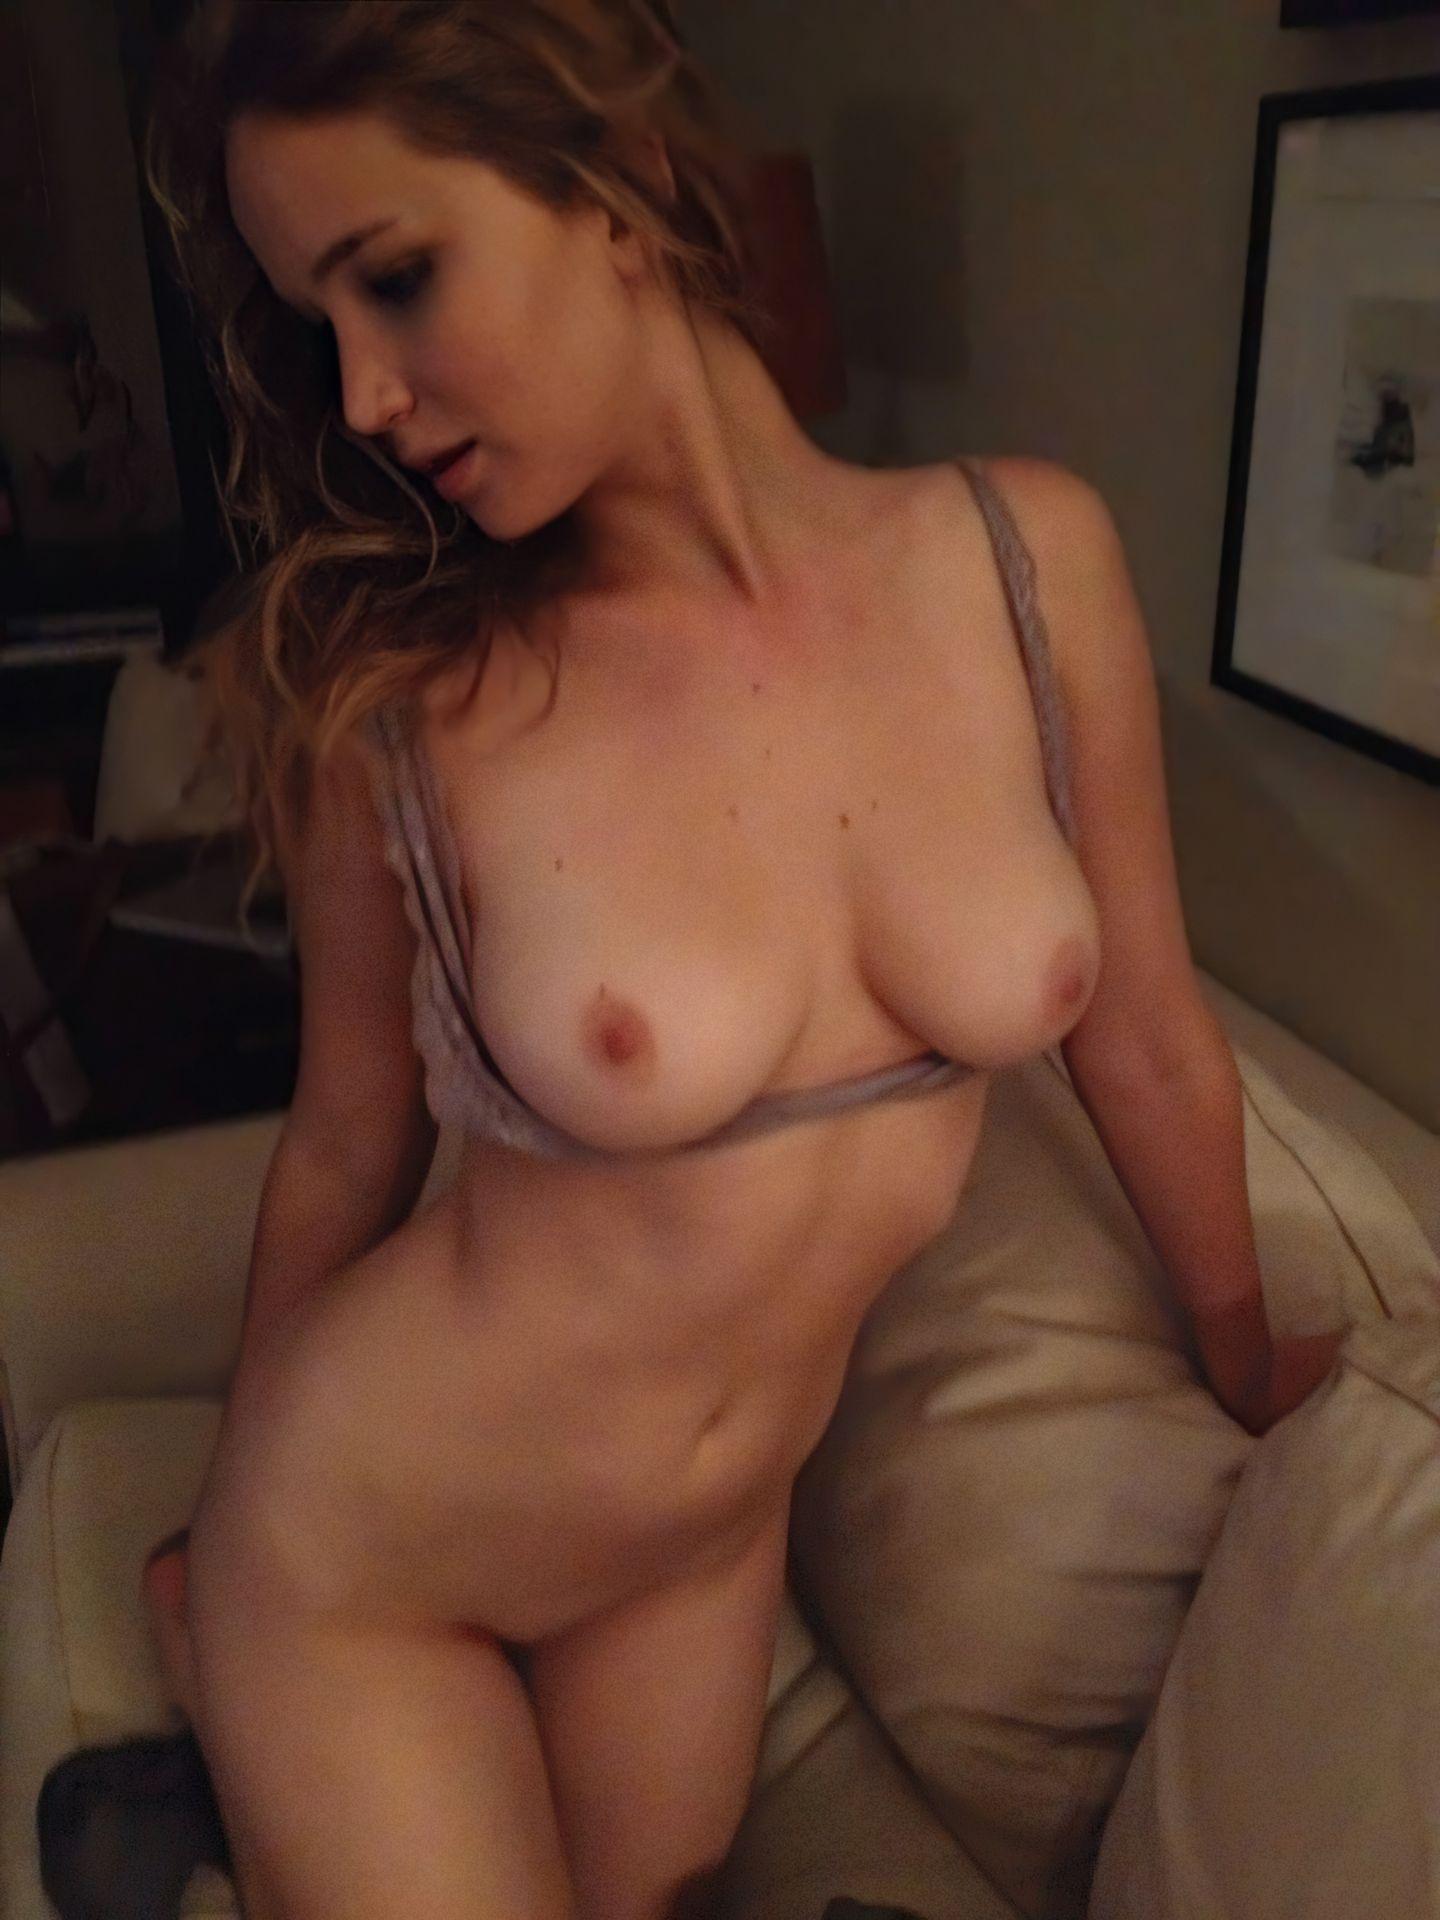 Icloud Leaked Nudes